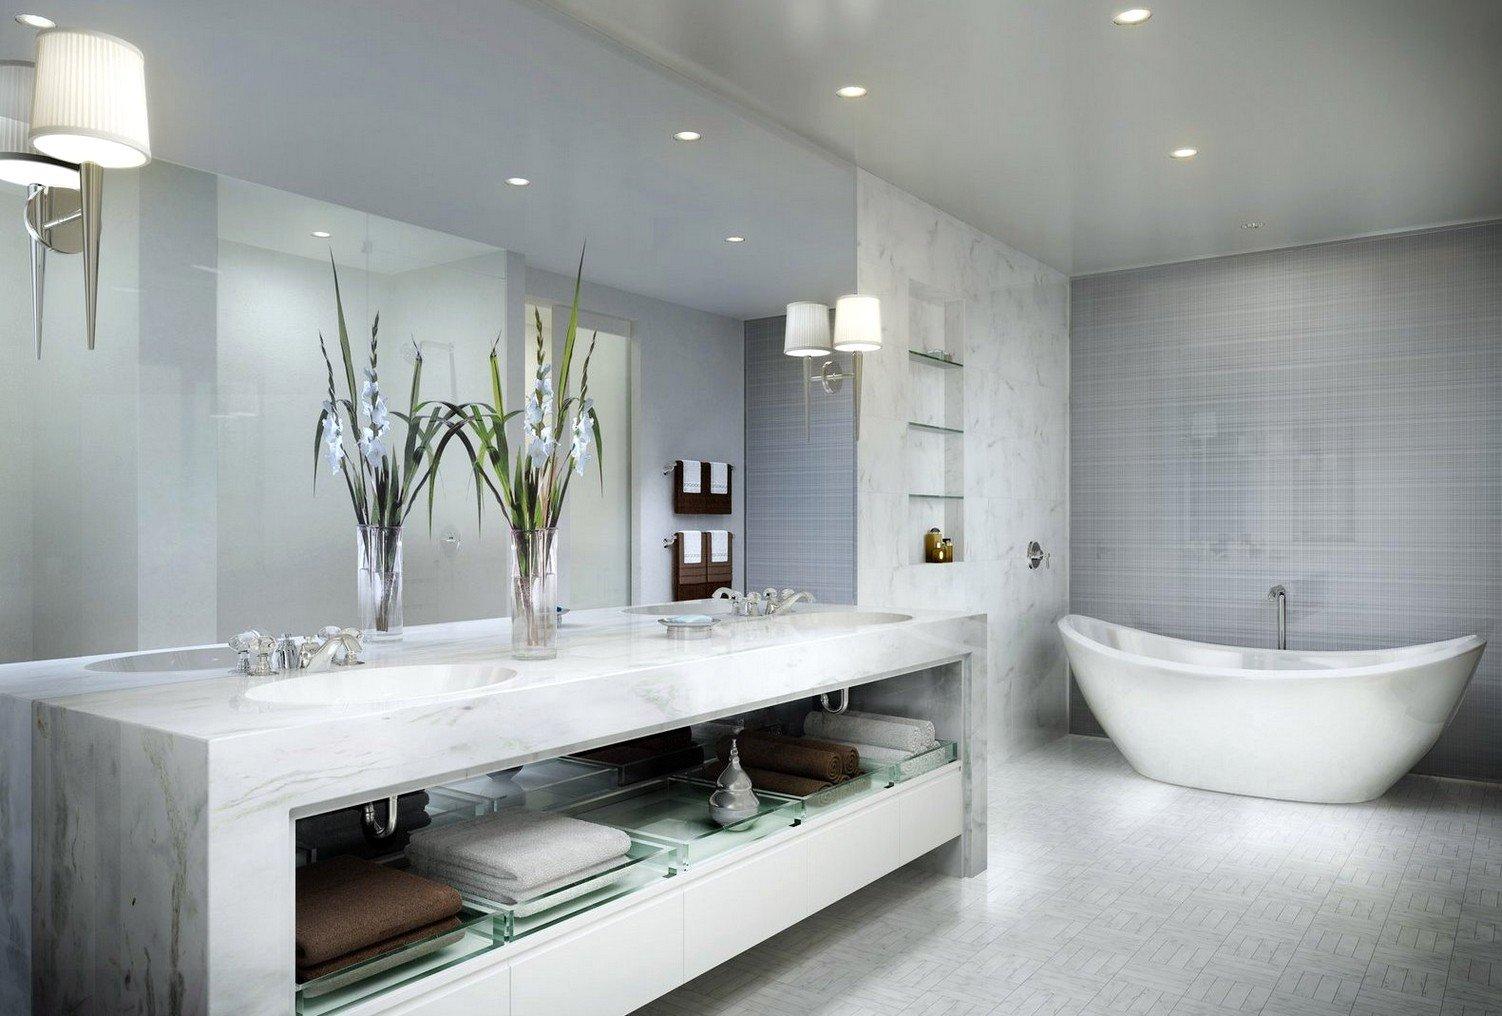 Arredo Bagno Moderno In Marmo.Bagni In Marmo Tanti Esempi Da Imitare Con Prezzi E Consigli Su